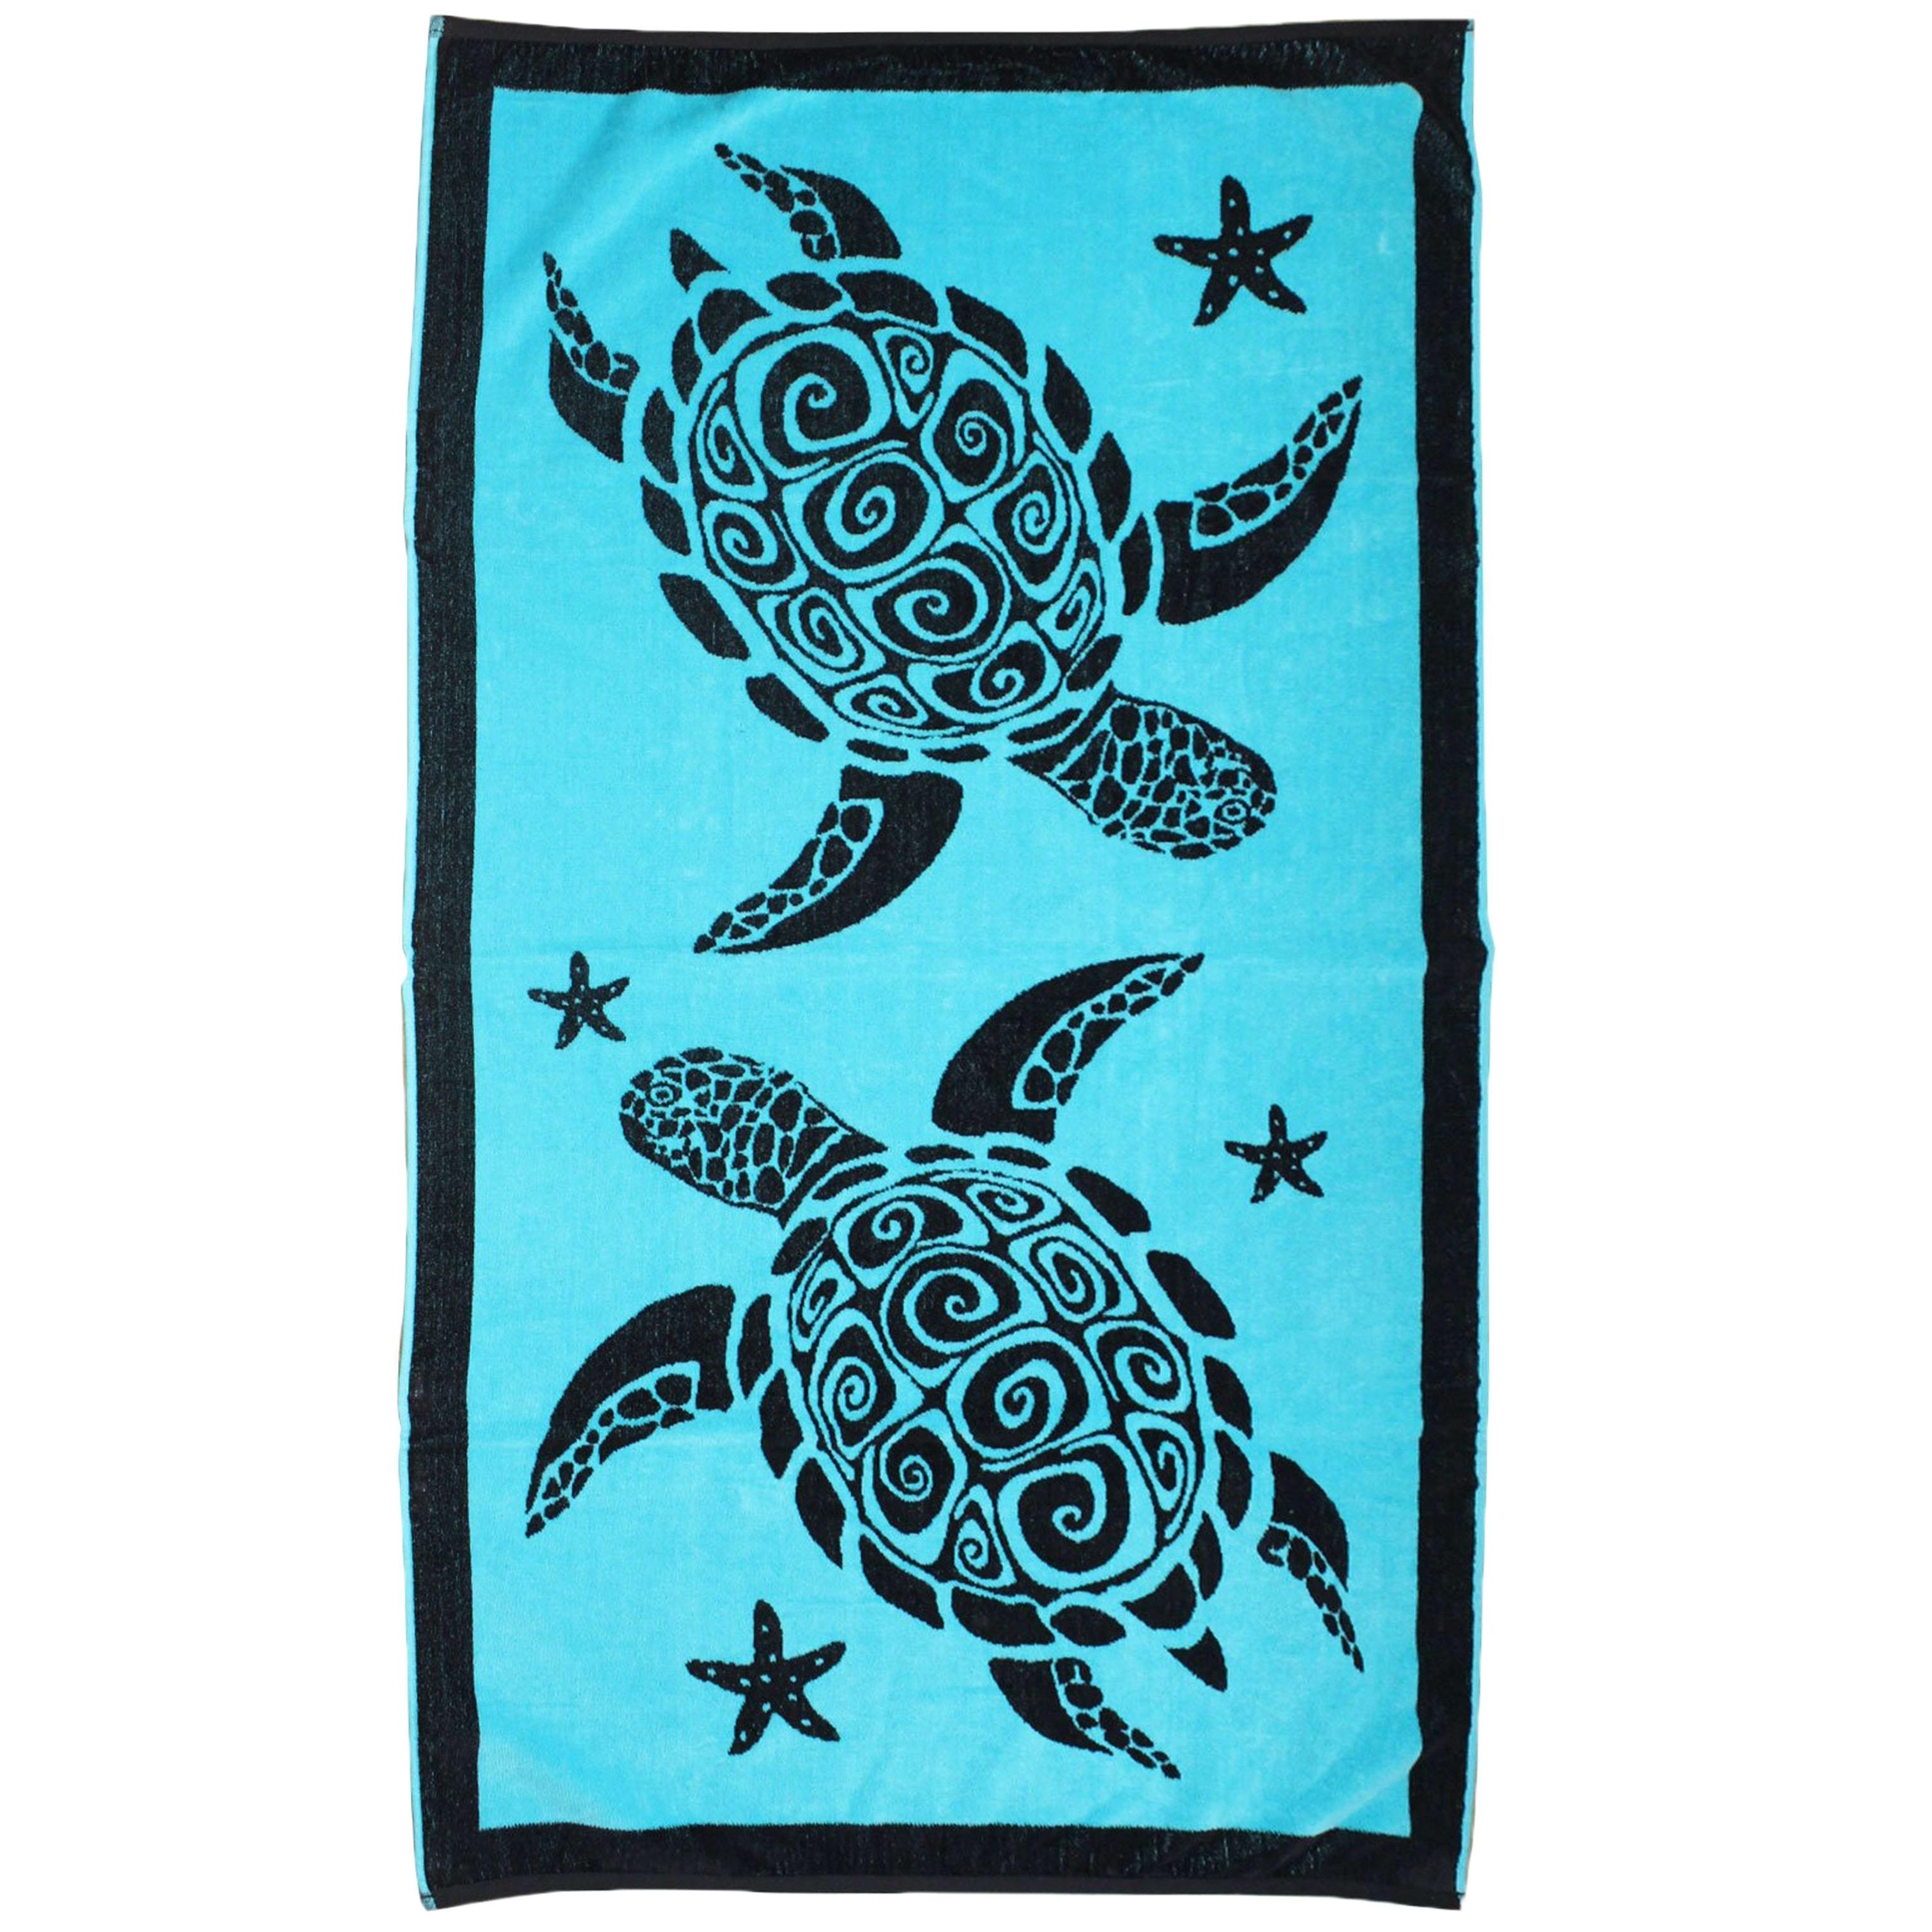 Serviette de plage éponge velours bleu turquoise alagoas 90 x 170